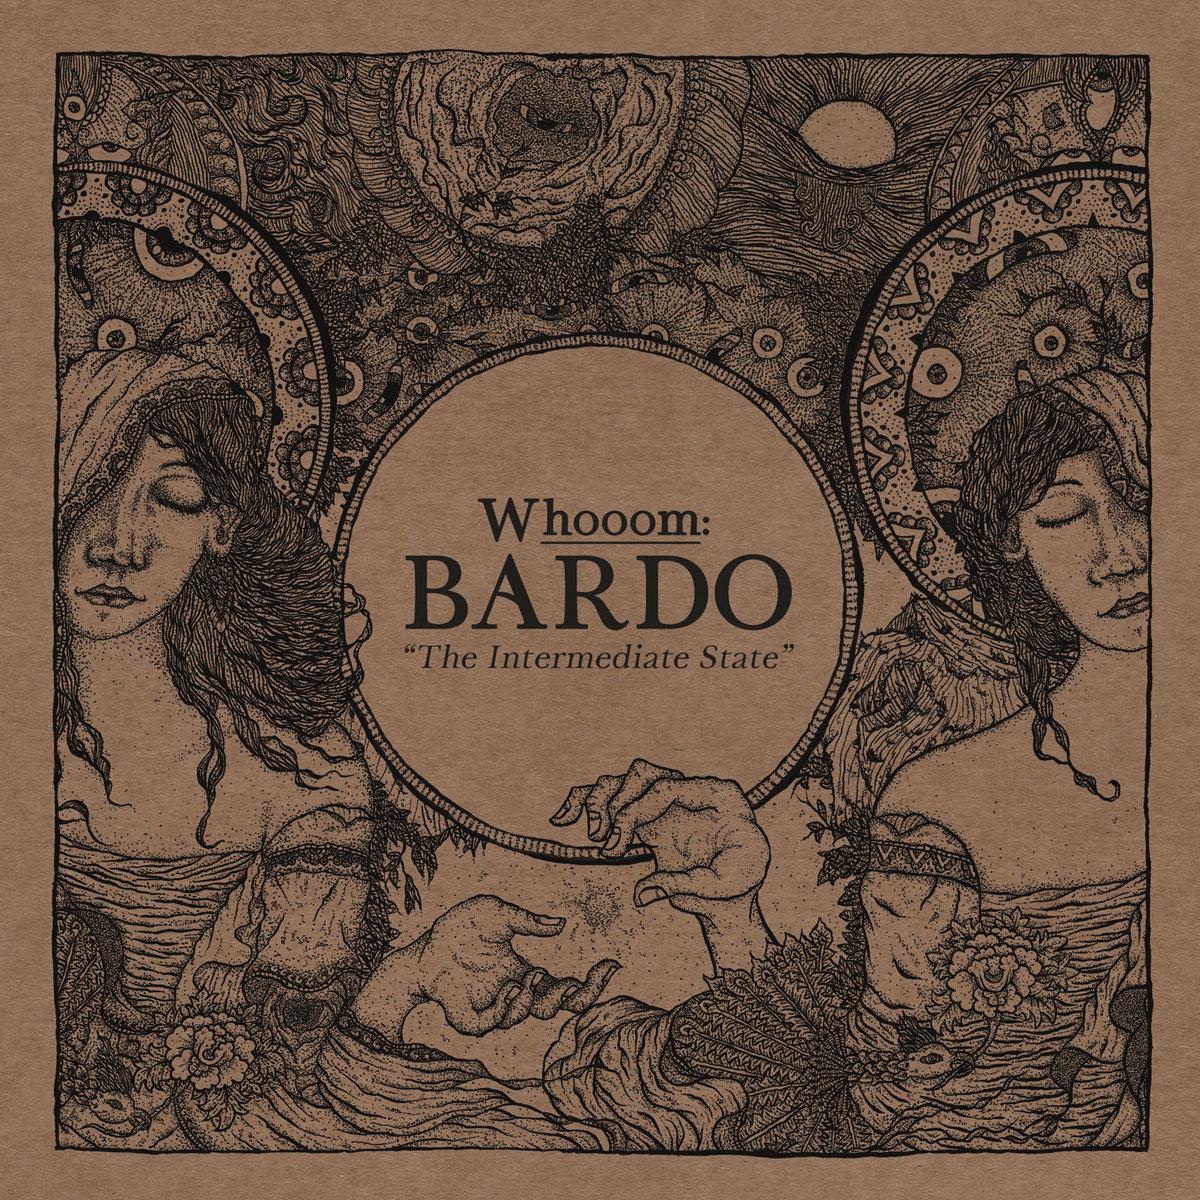 https://whooom.bandcamp.com/album/bardo